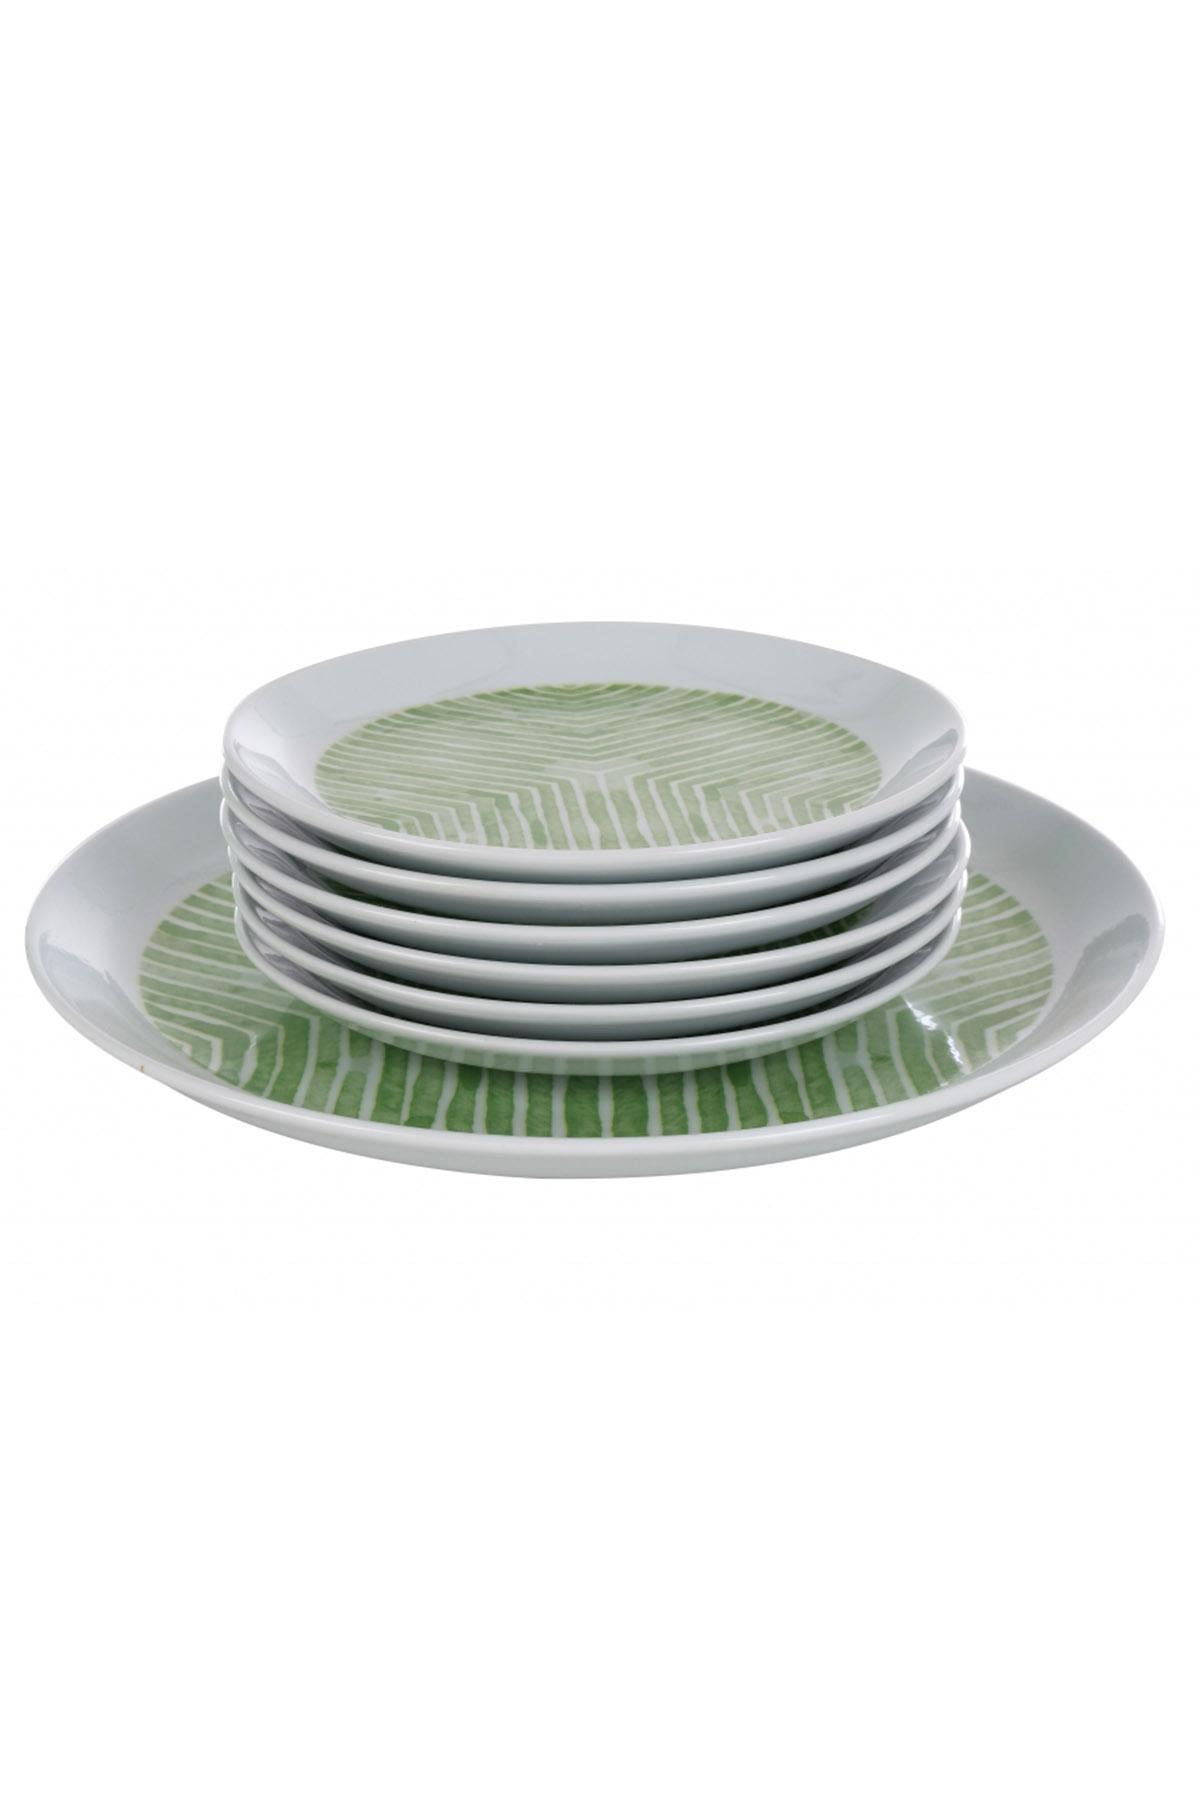 Kütahya Porselen Vista 7 Parça Yeşil Pasta Takımı